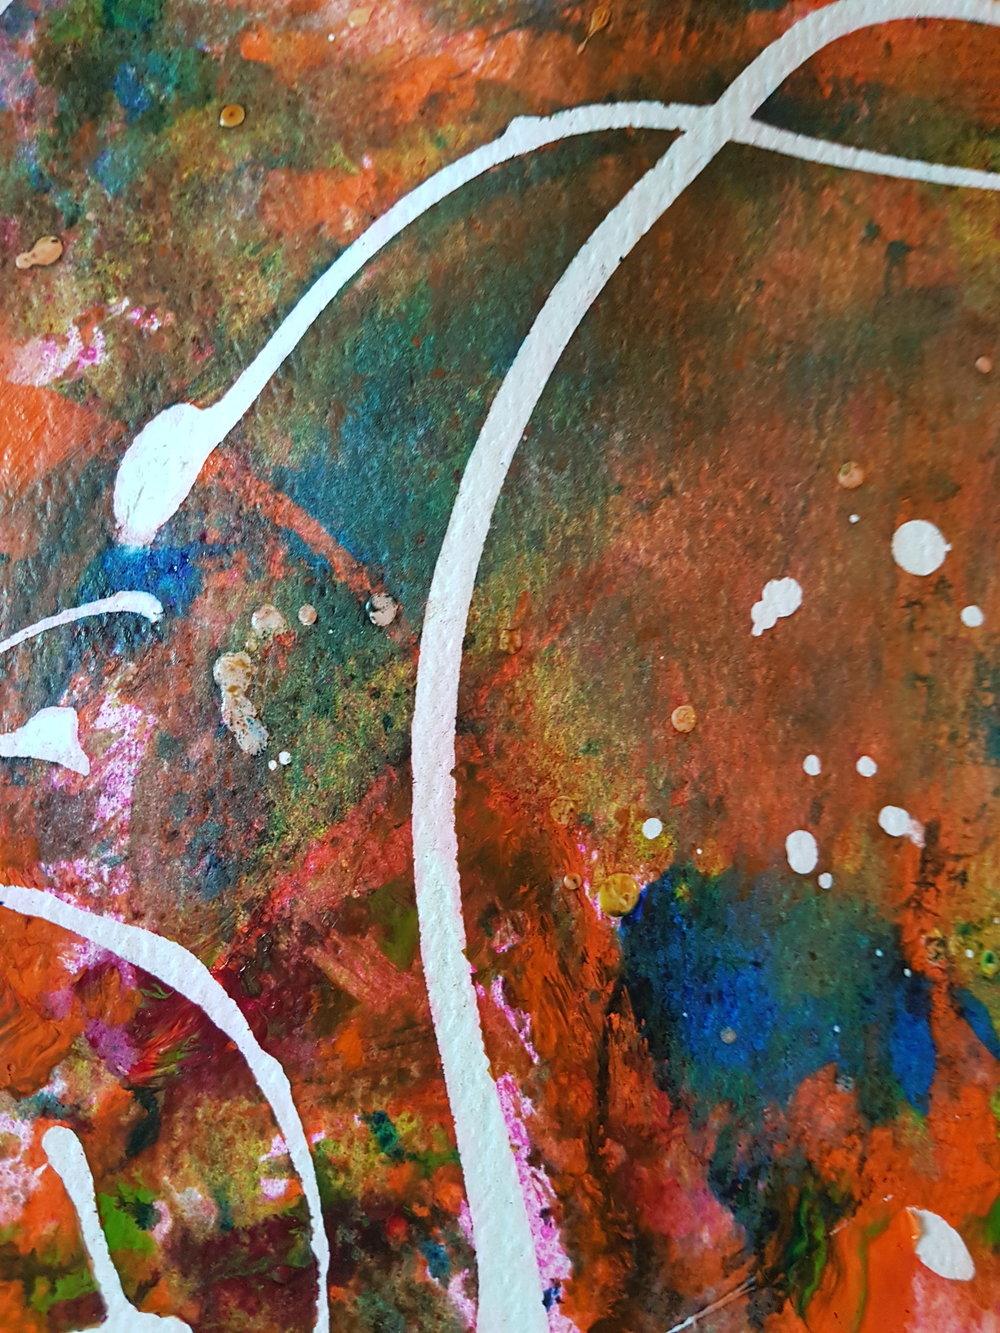 lynn wilson - Abstract portion B of Wyanne lesson masking fluid.jpg